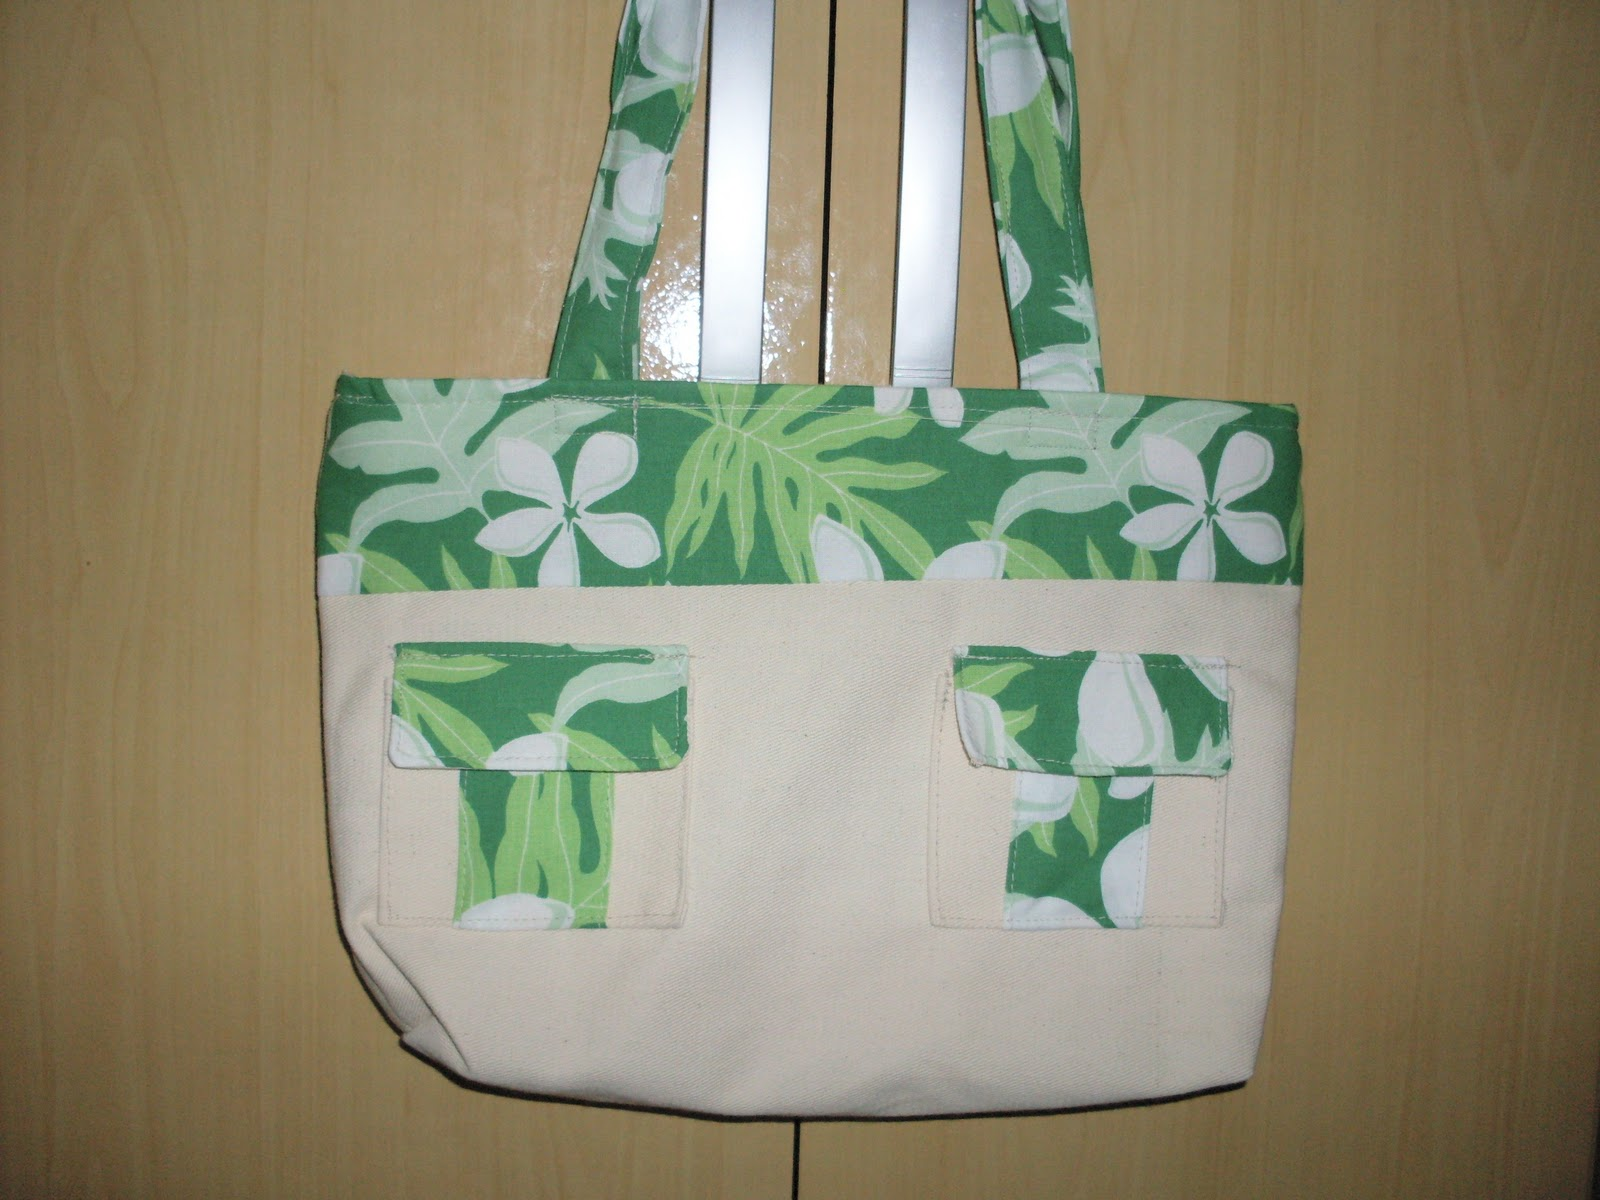 Bolsa De Tecido De Algodão Cru : Nany arts bolsa de algod?o cr? c tecido estampado